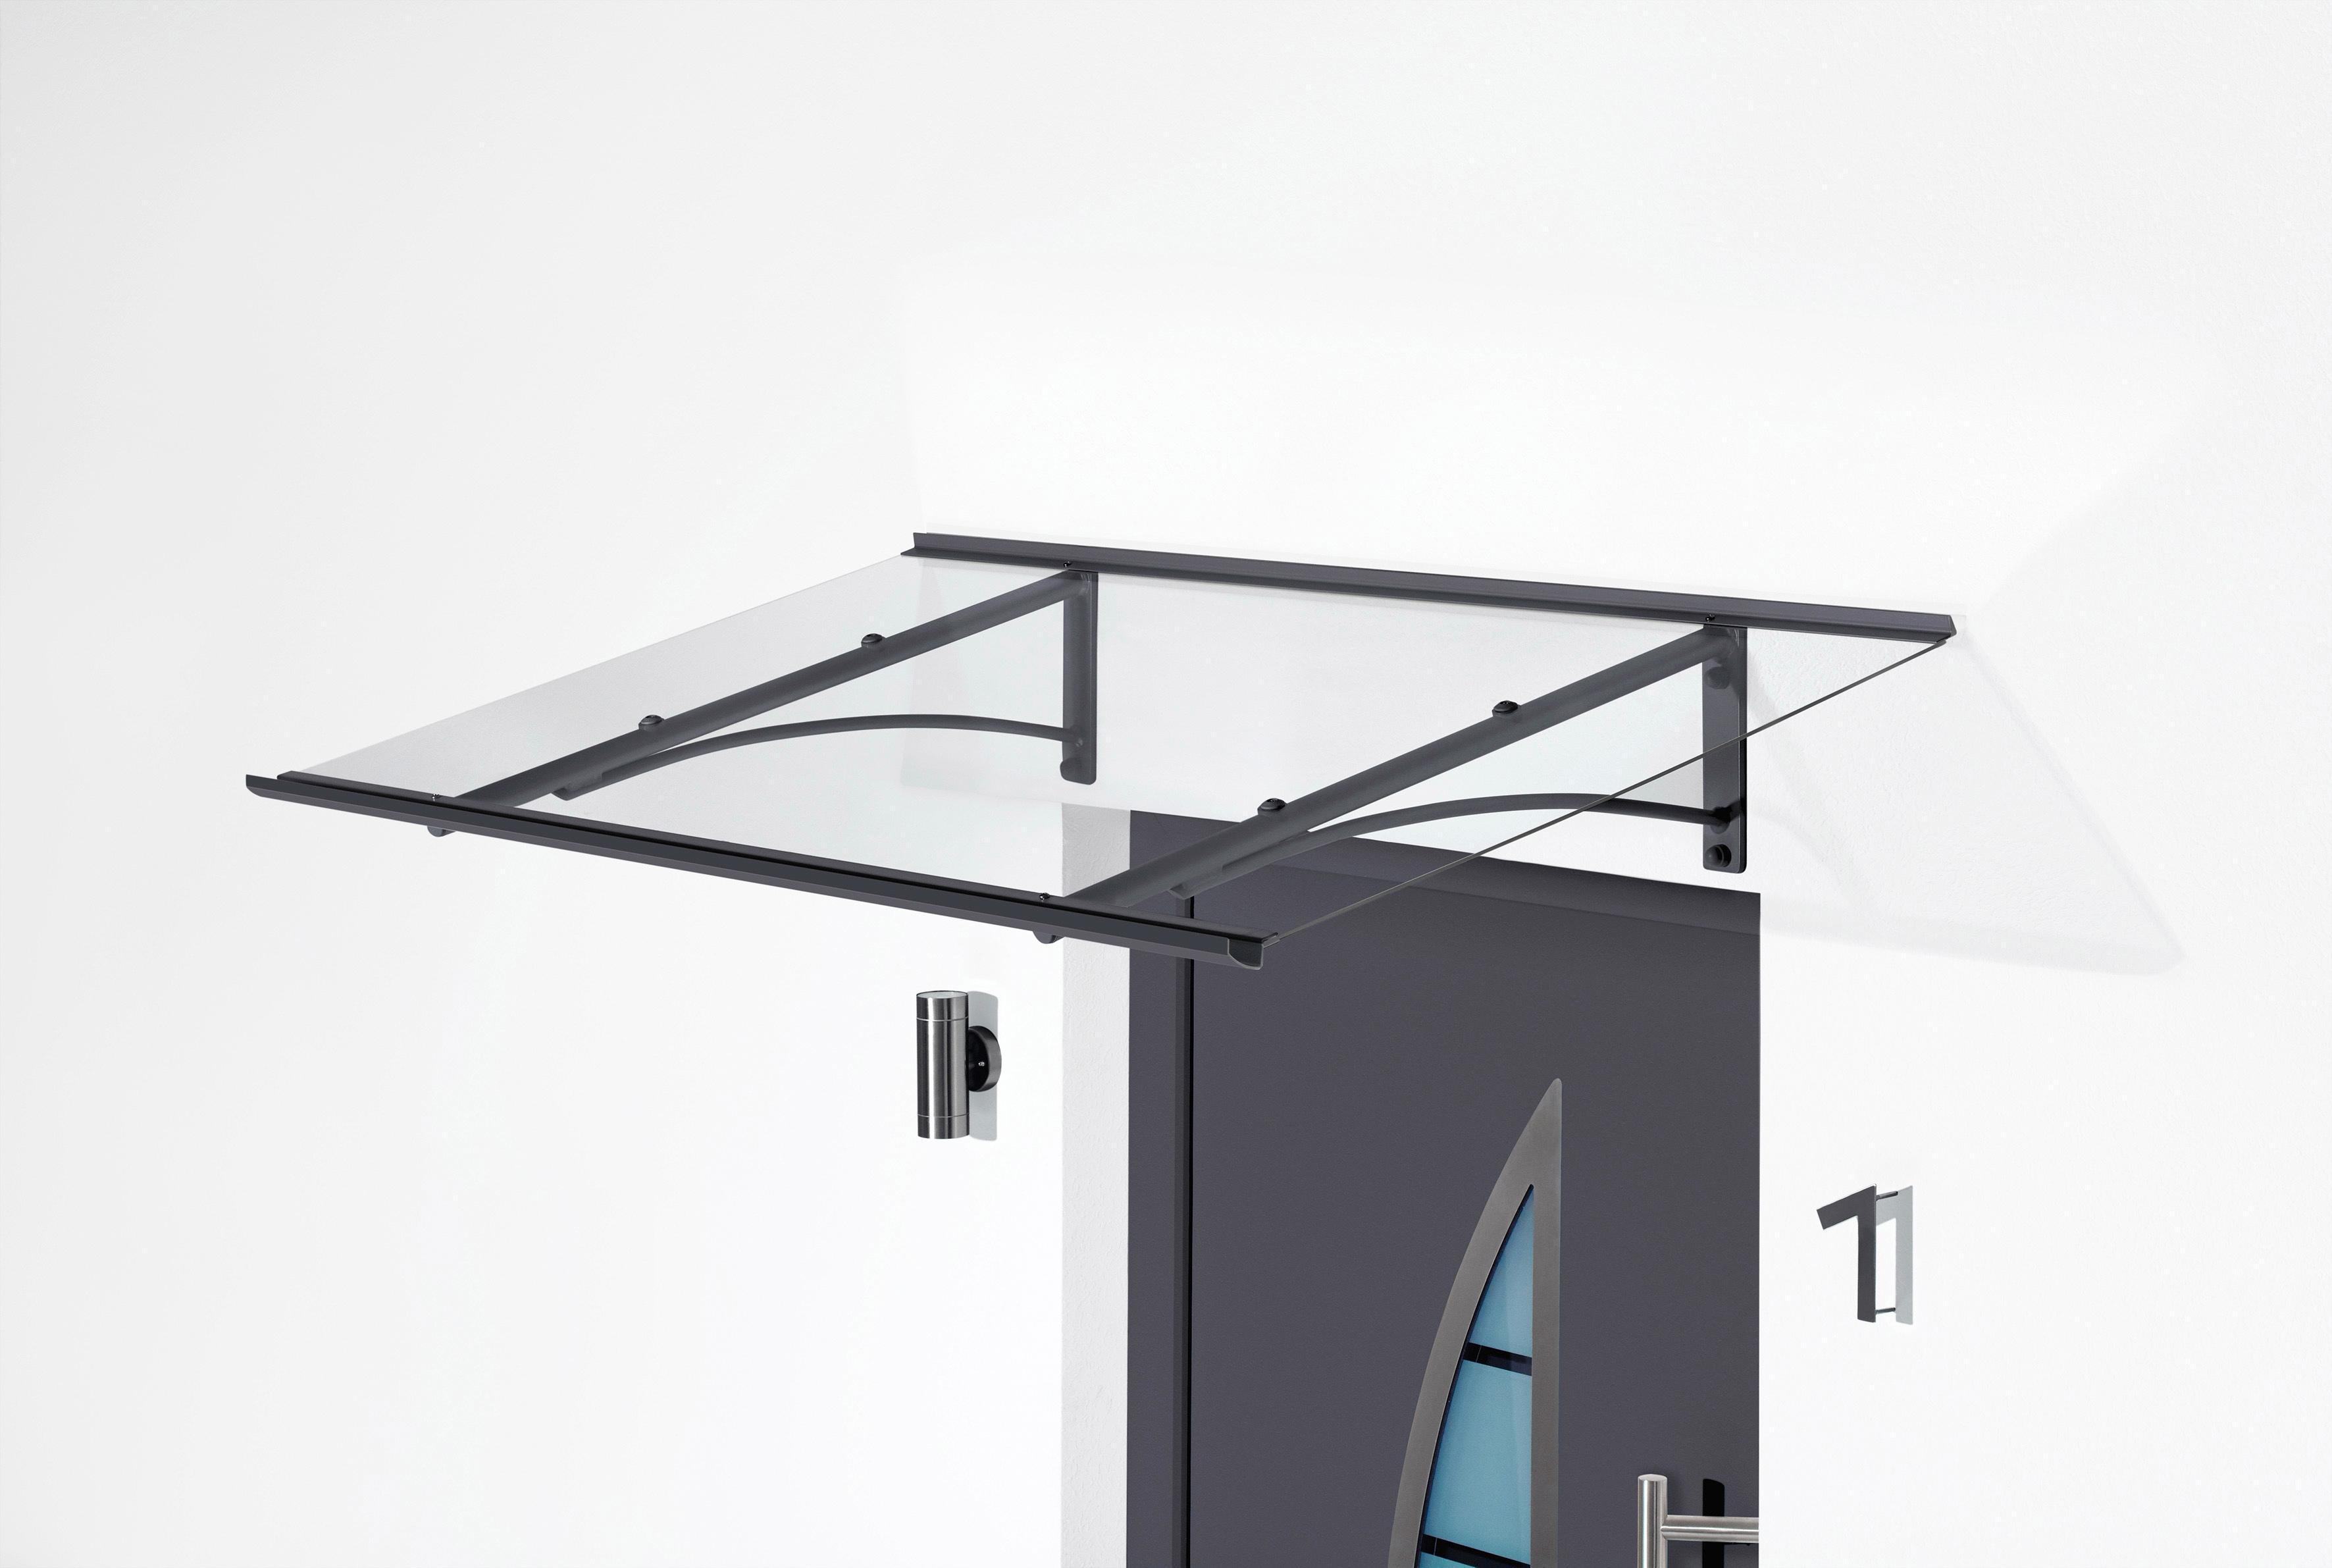 Gutta Pultvordach »TYP PT/GR«, BxT: 160x90 cm, anthrazit-transparent   Baumarkt > Modernisieren und Baün > Vordächer   GUTTA